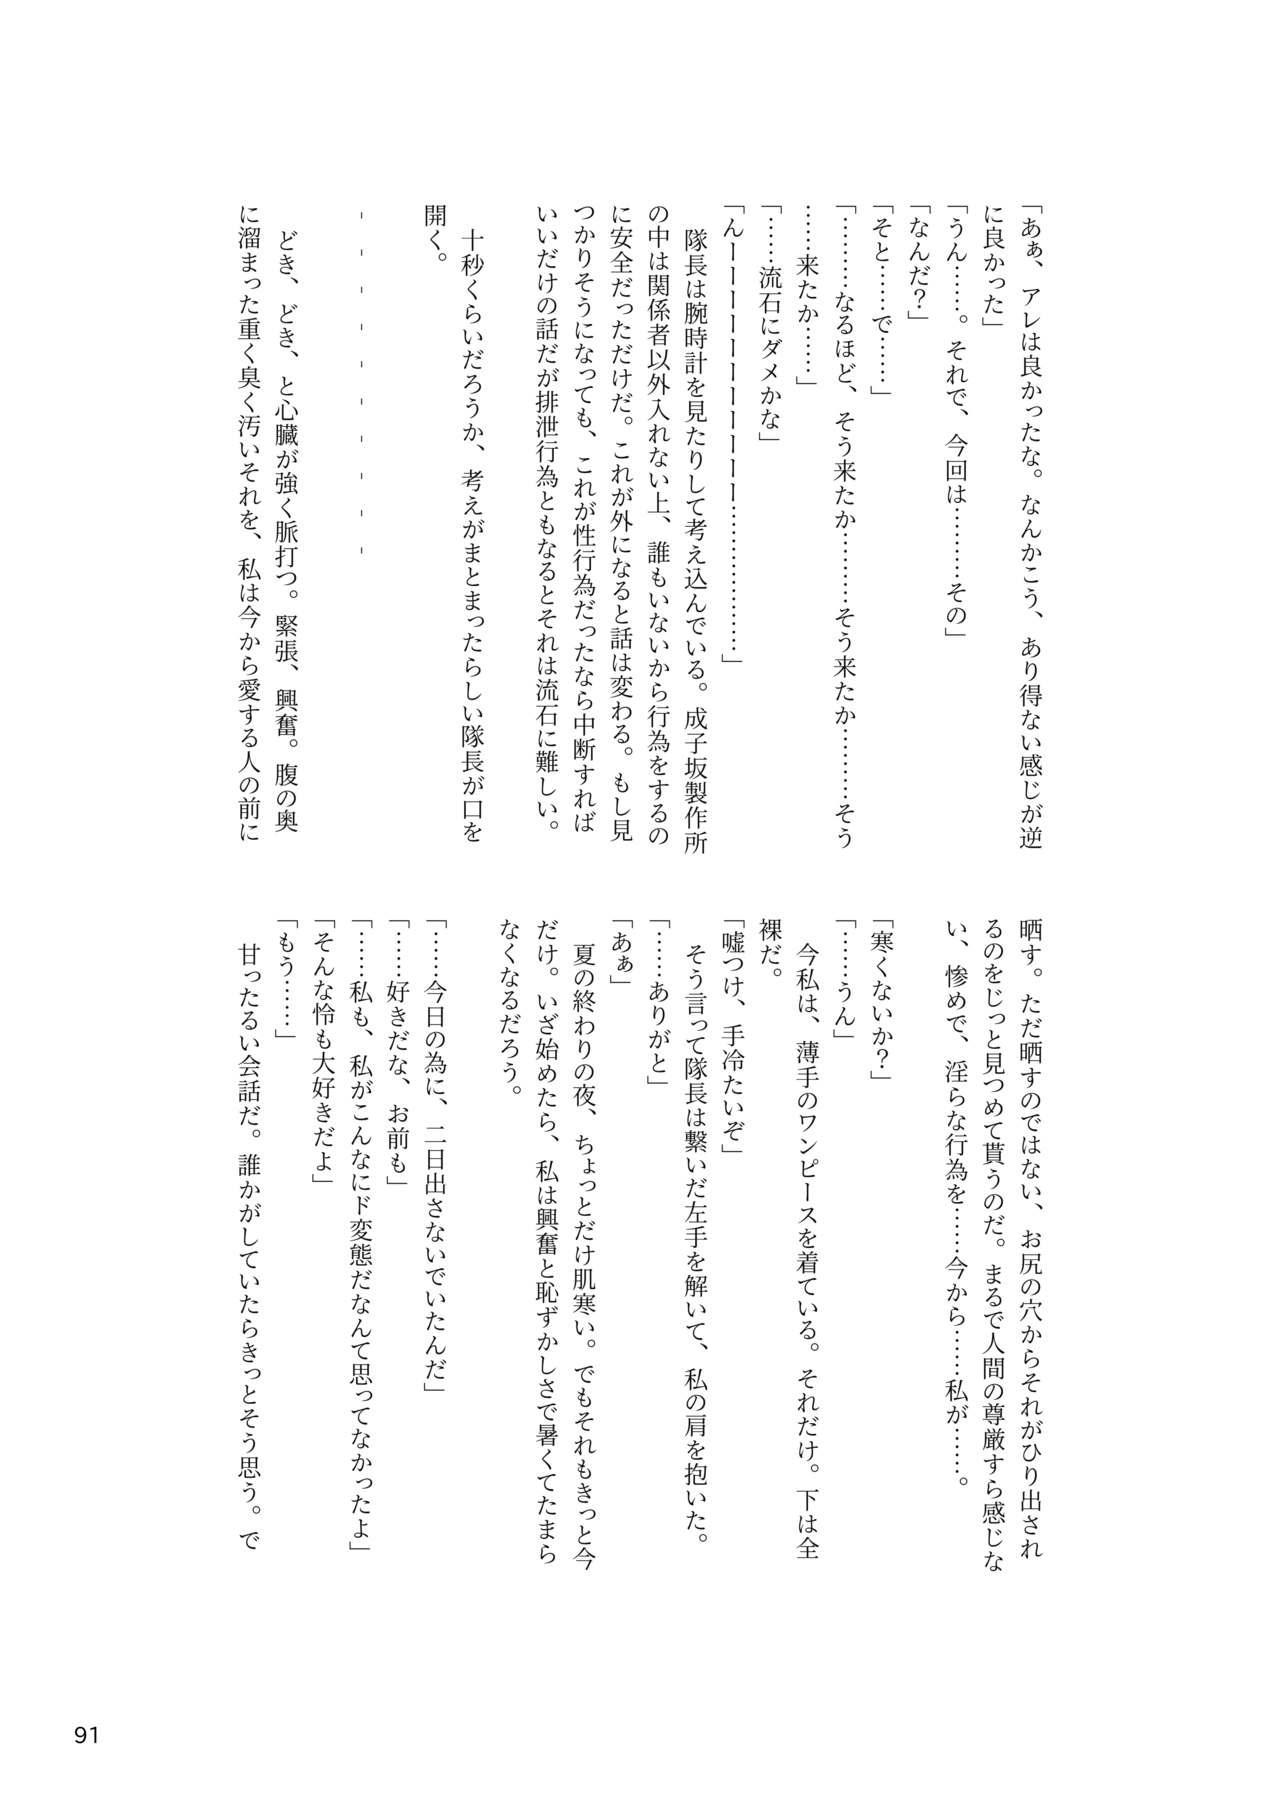 ア○スギア総合スカトロアンソロジー アクトレス排泄実態調査任務~スカポためるっすか!?~ 90